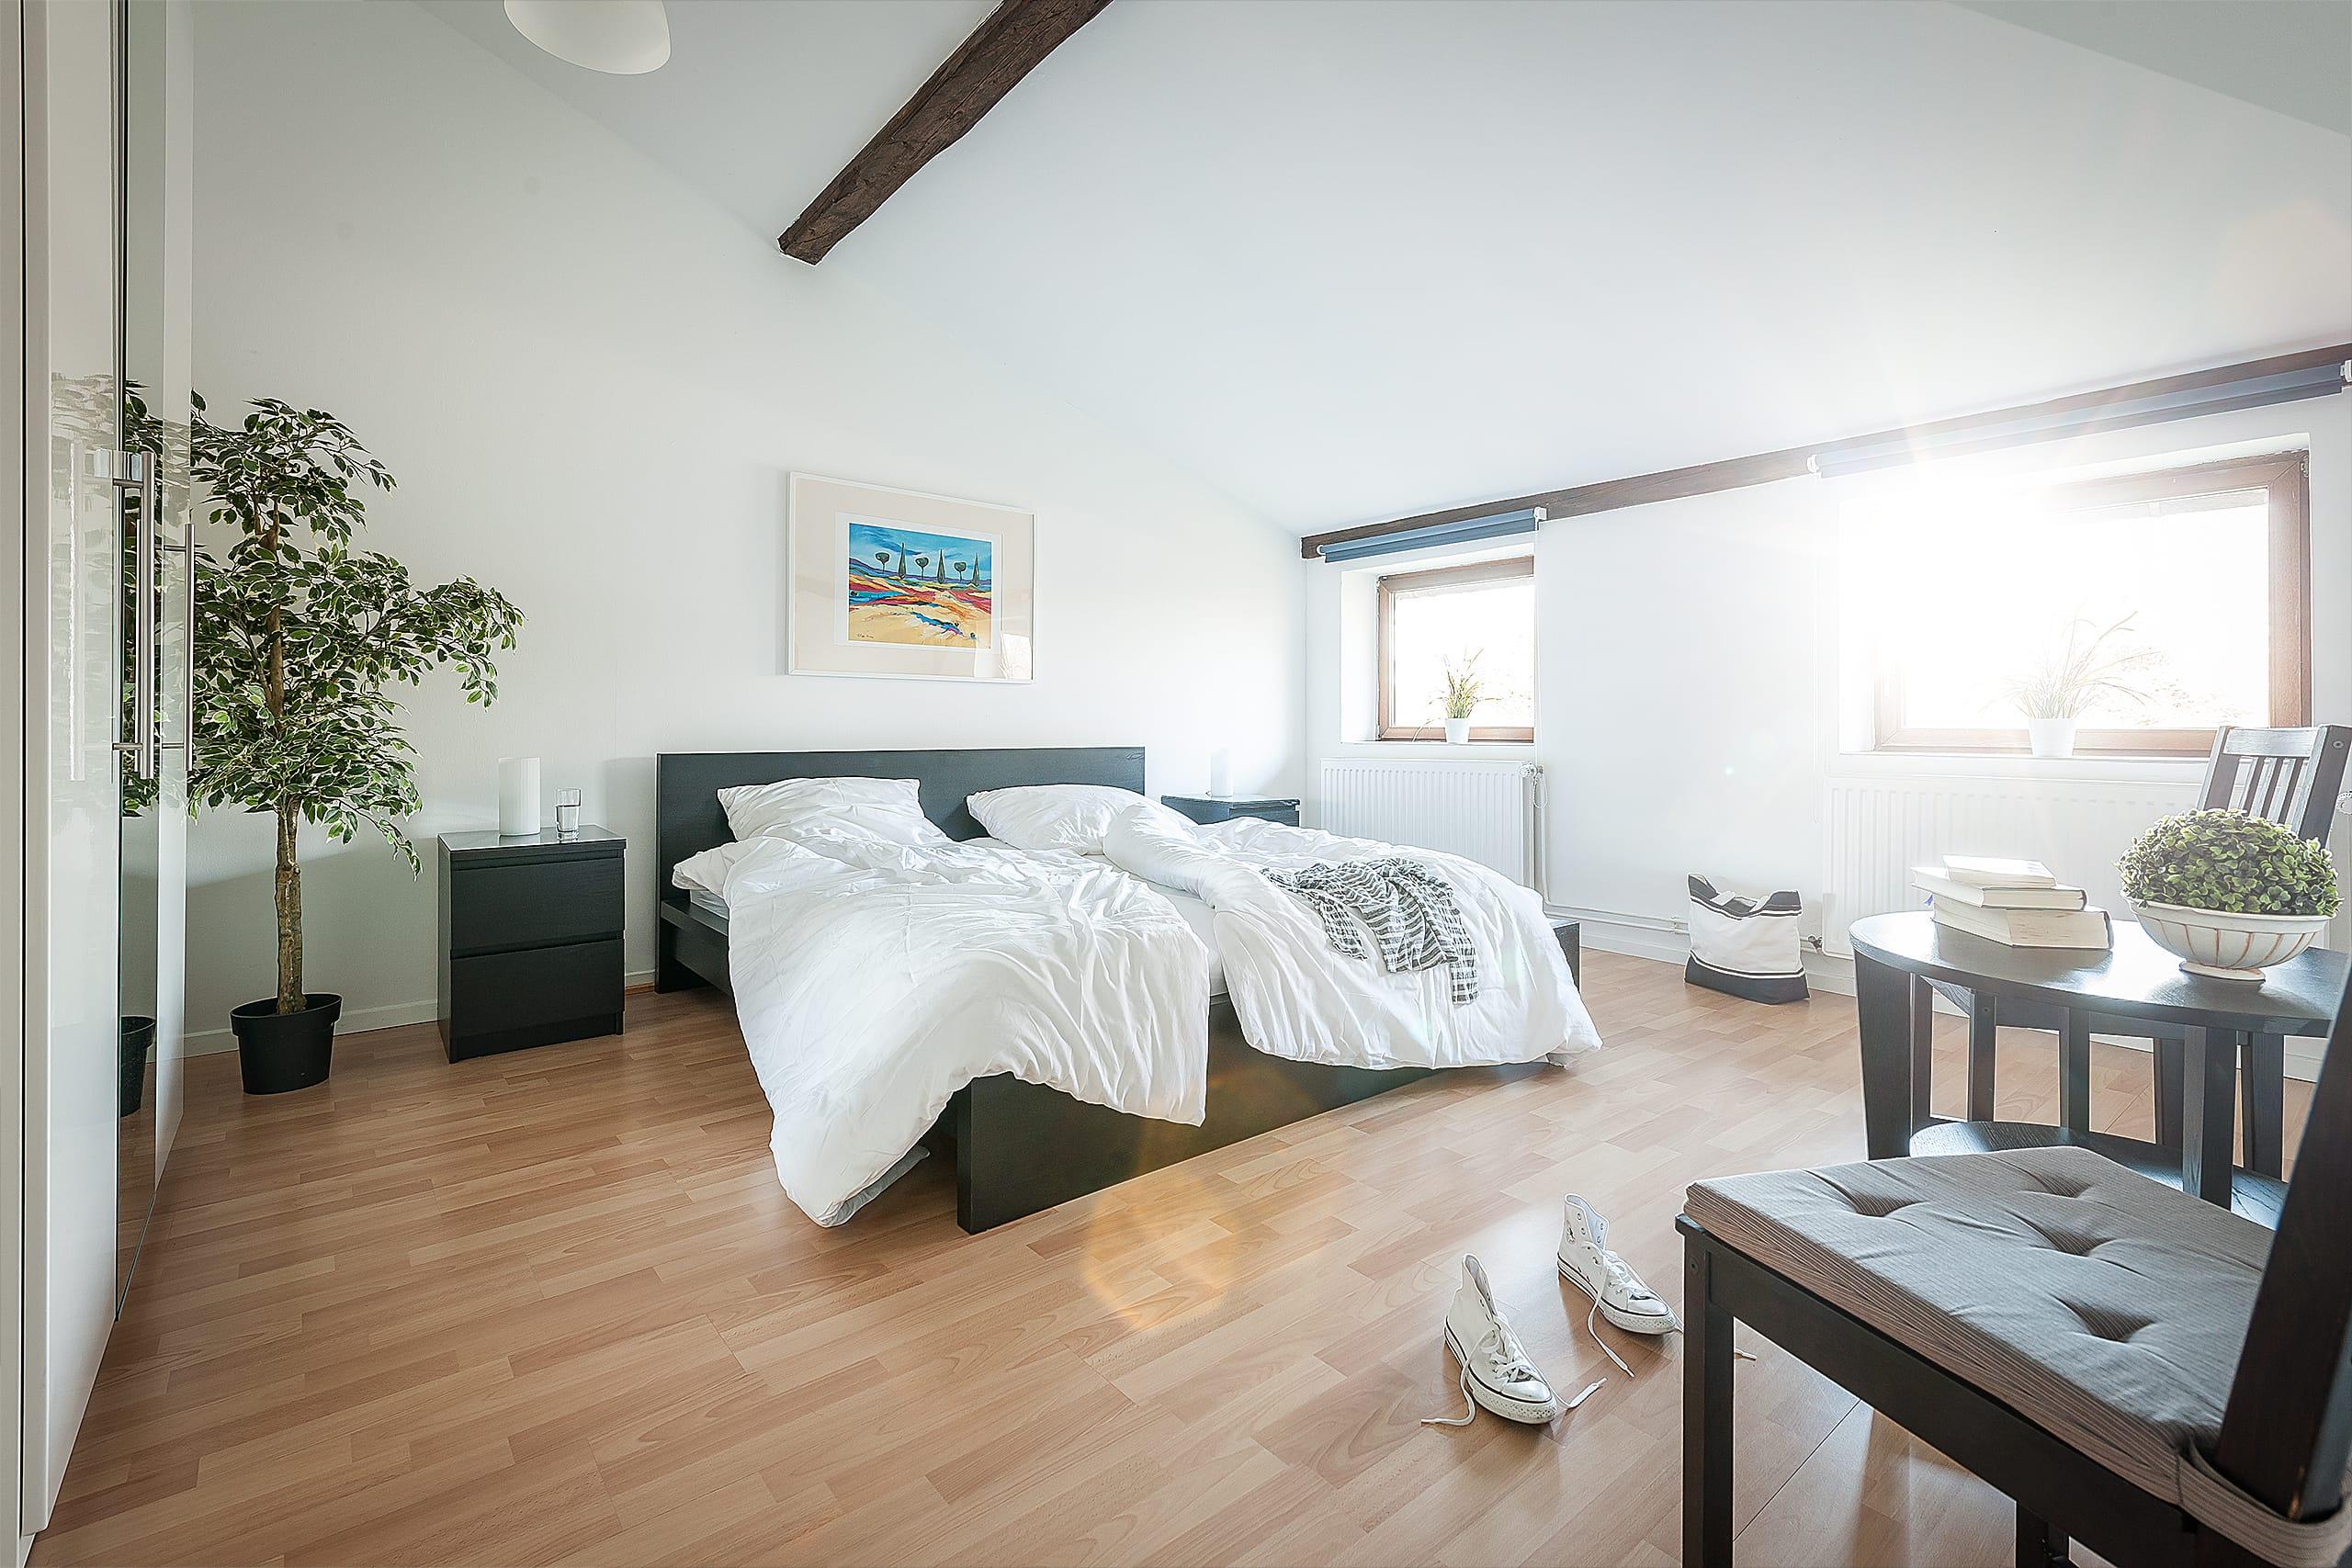 Bennos-Scheune-Kontor-Schlafzimmer